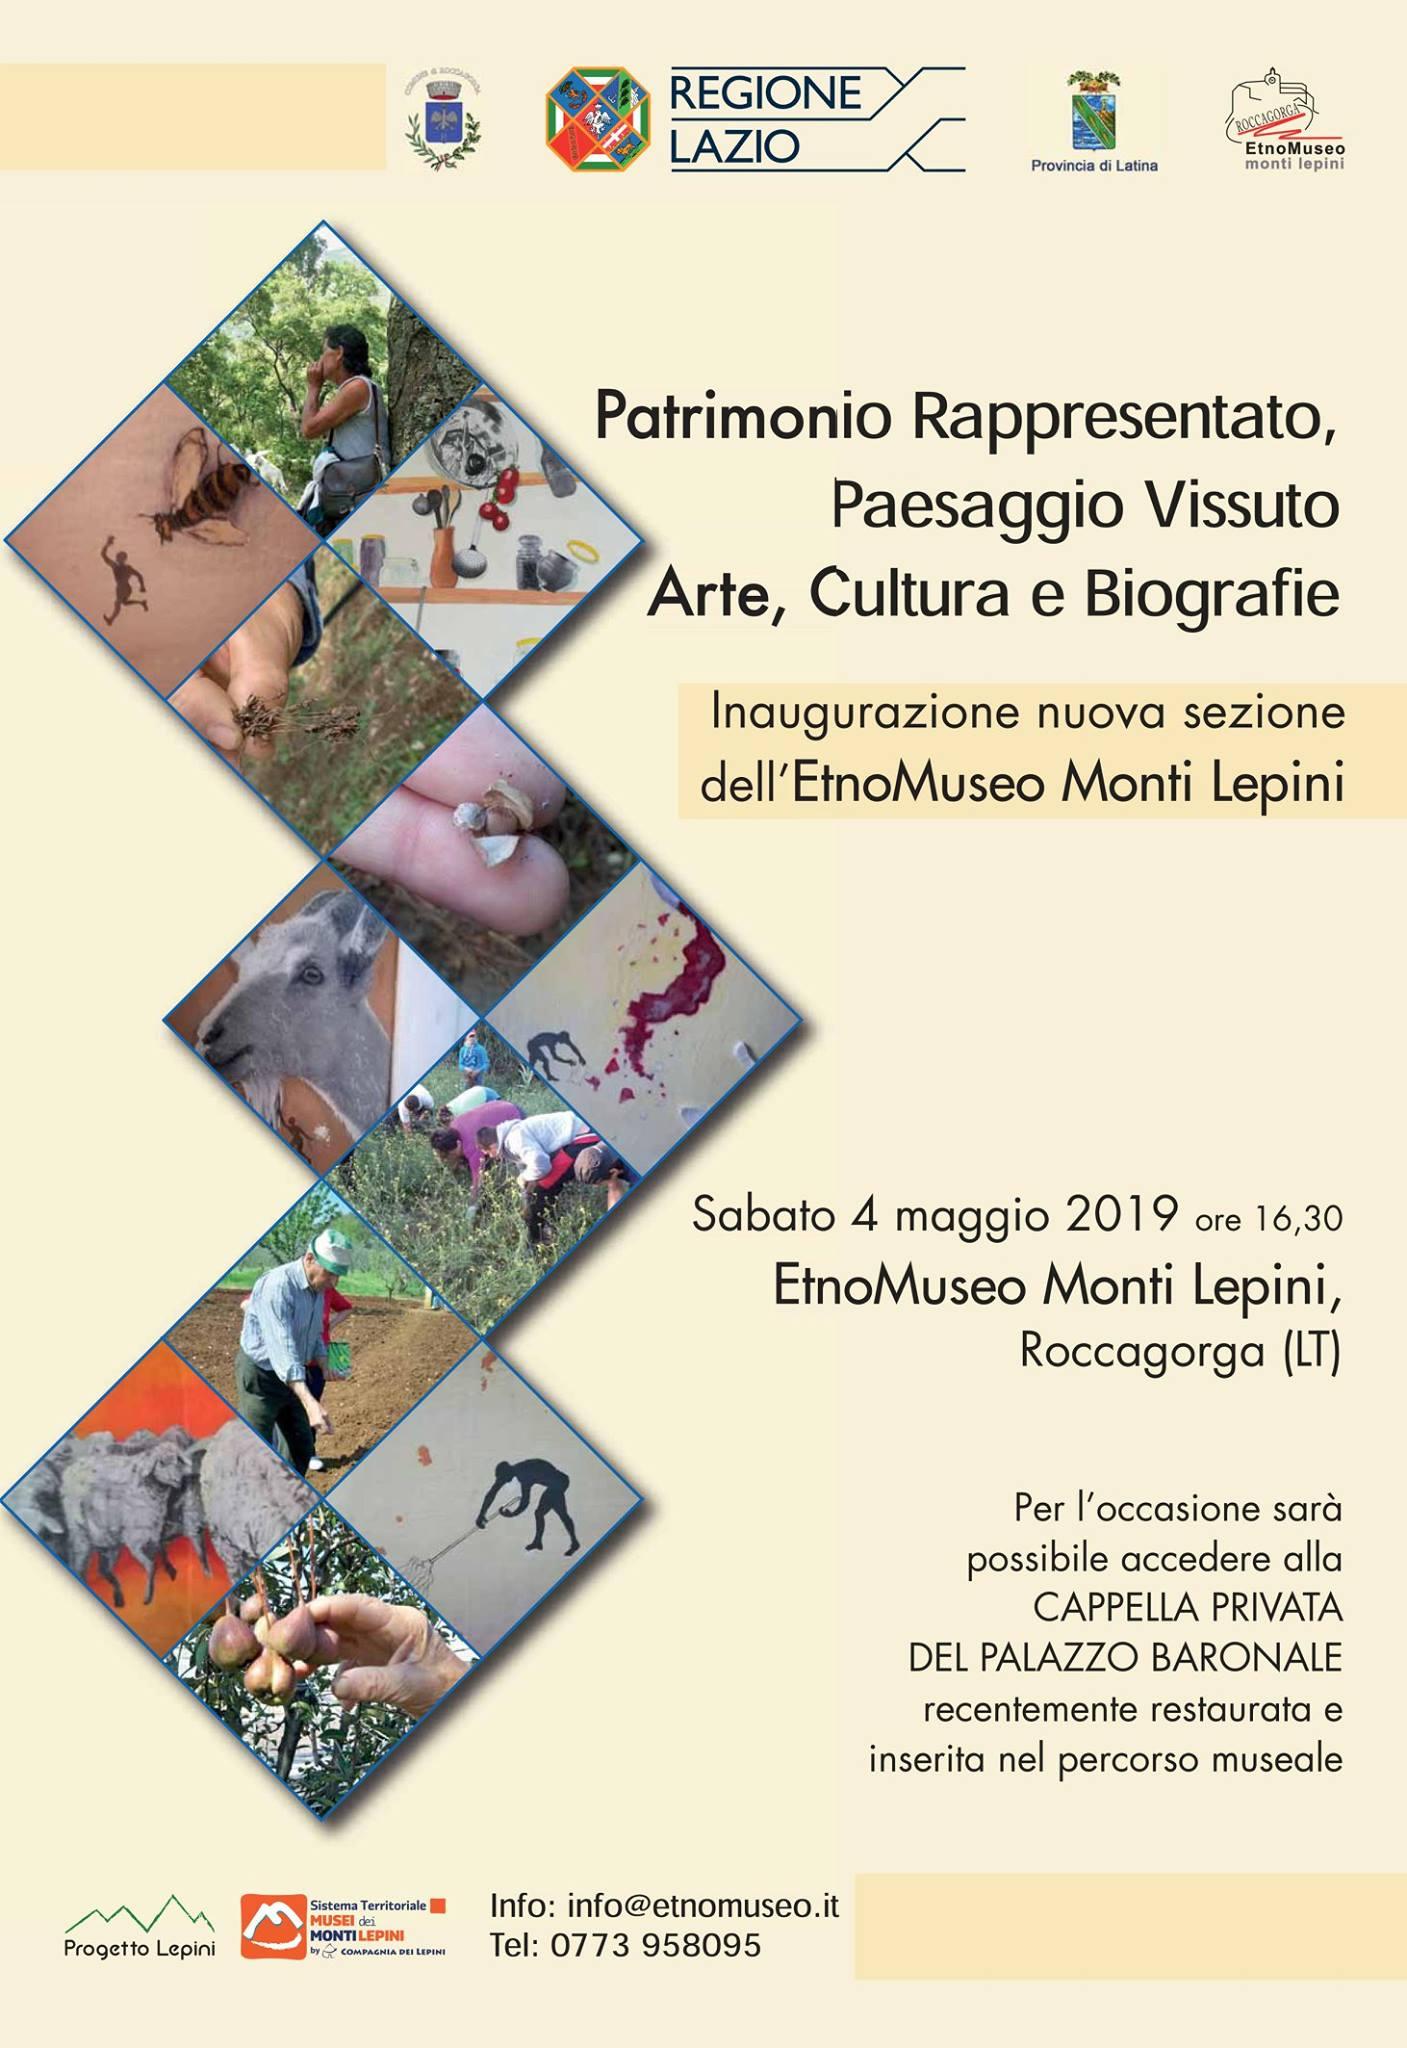 Roccagorga: Inaugurazione nuova sezione dell'EtnoMuseo dei Monti Lepini @ Etnomuseo dei Monti Lepini | Roccagorga | Lazio | Italia